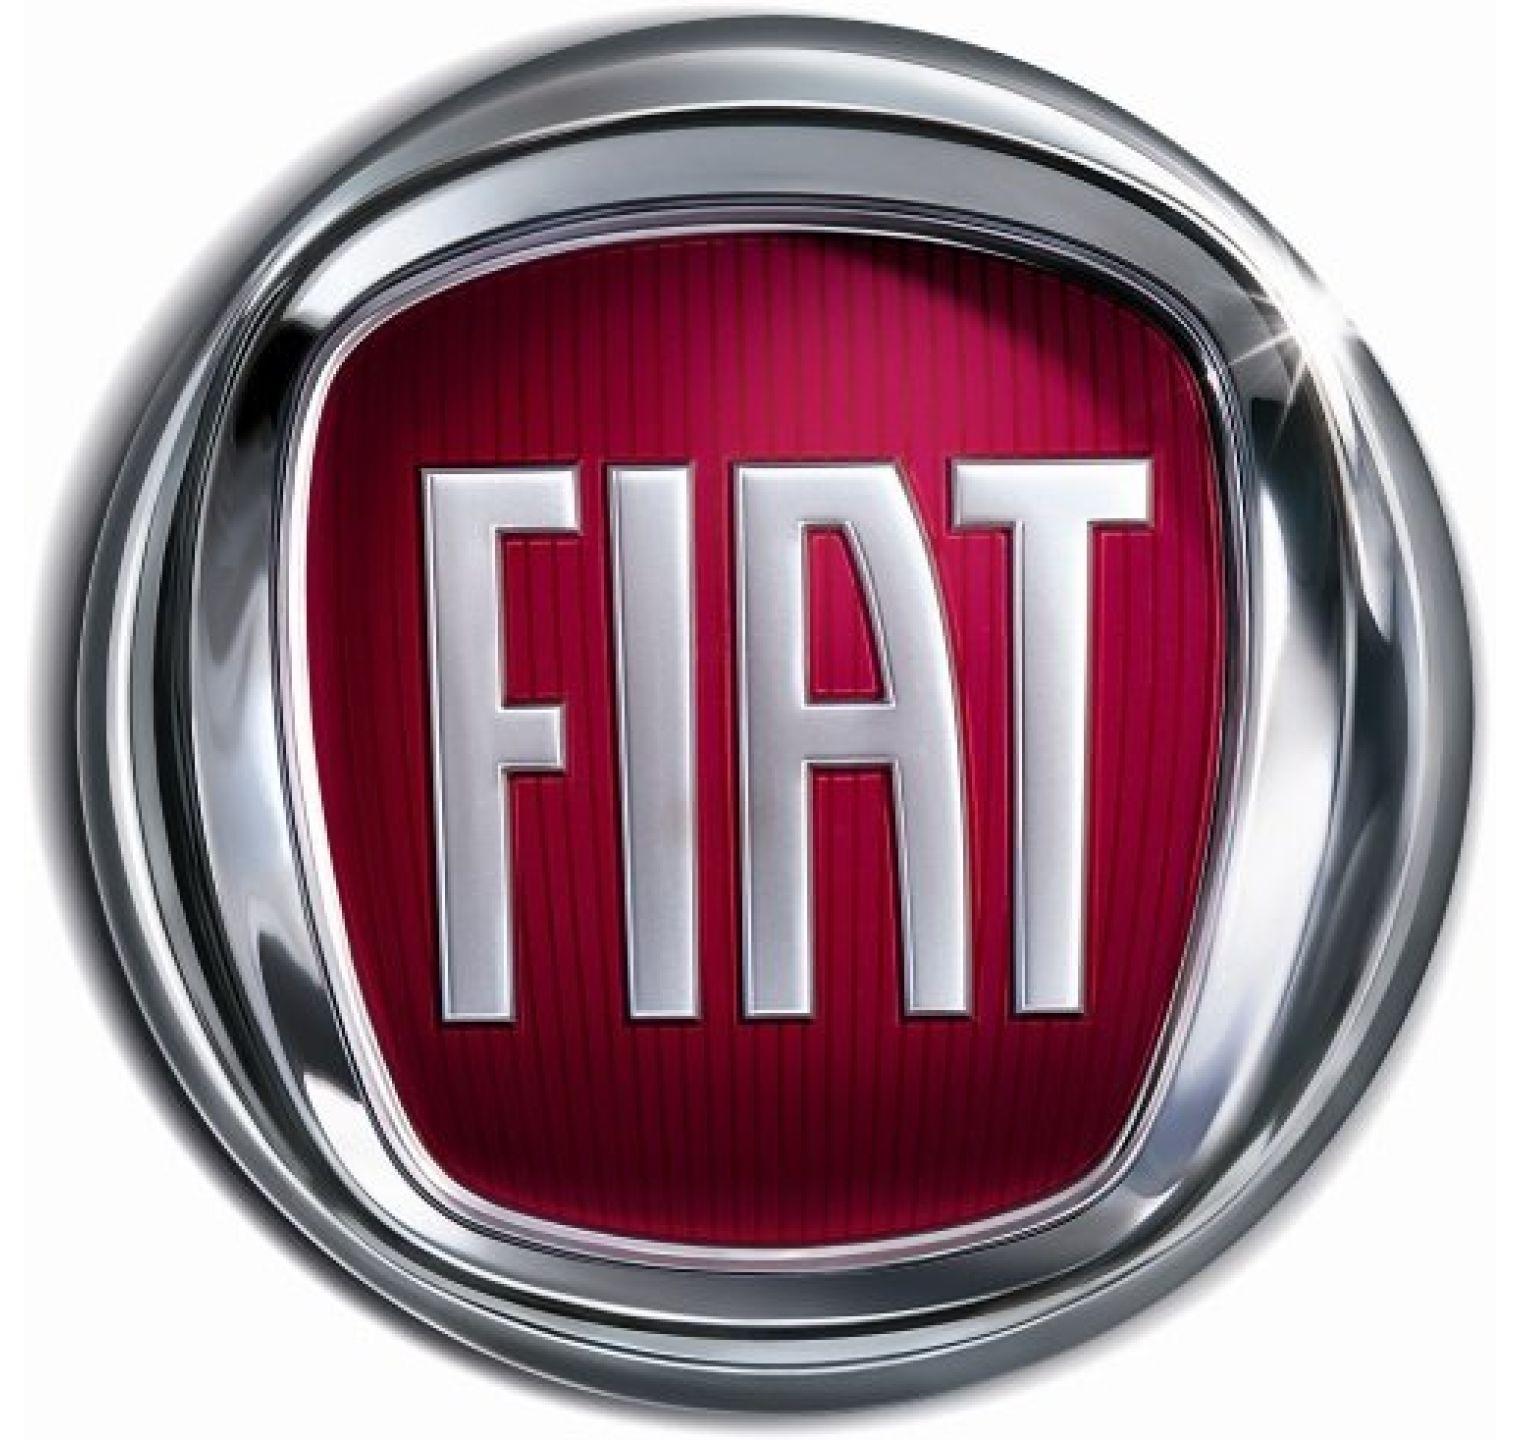 Fiat Coupe (1993 t/m 2000) - achterruitenwisser Valeo Standard